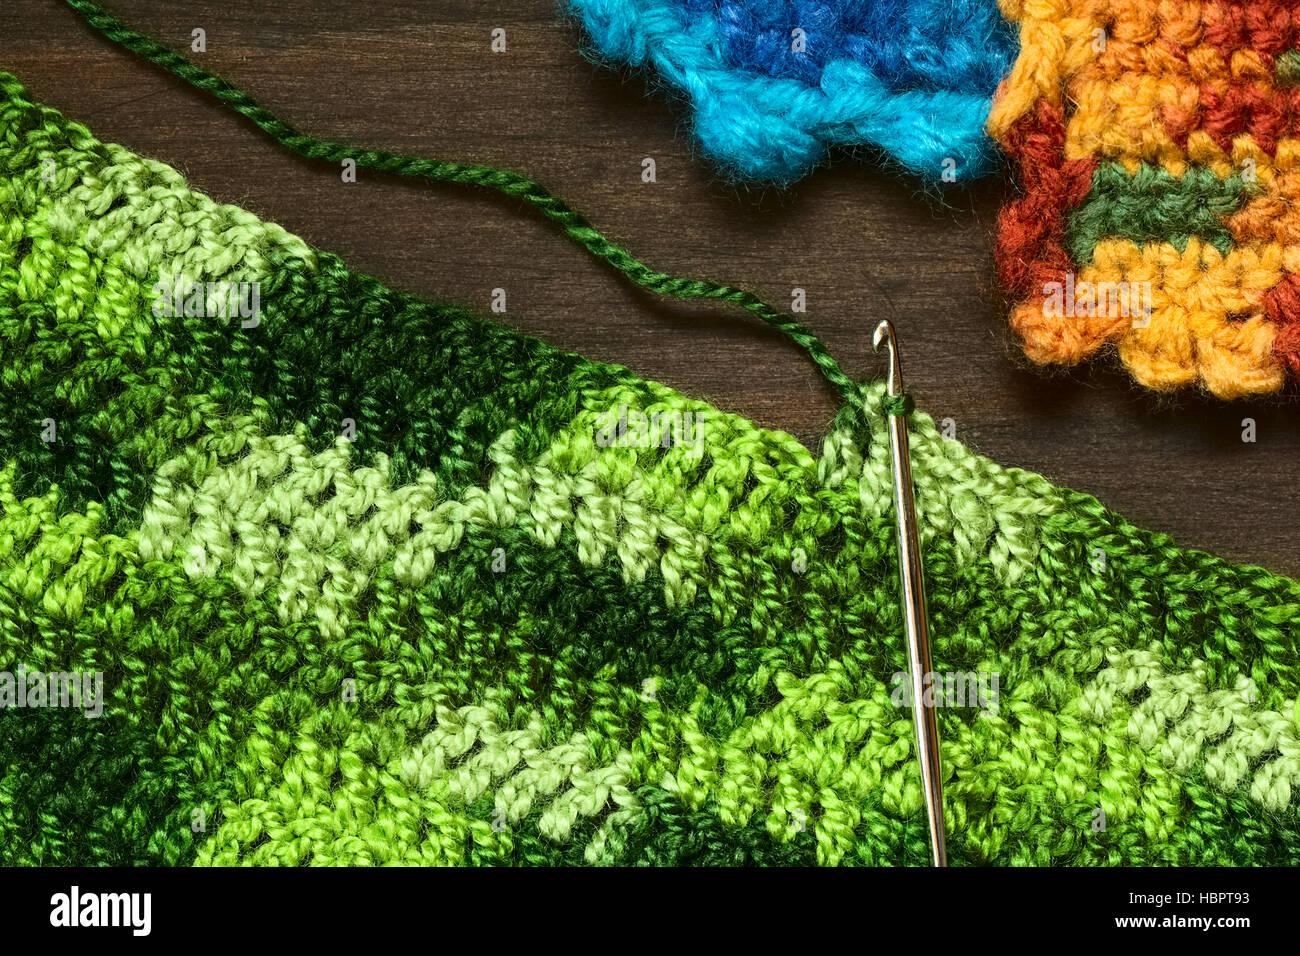 Crochet Handicraft Making Place Mat Photos Crochet Handicraft